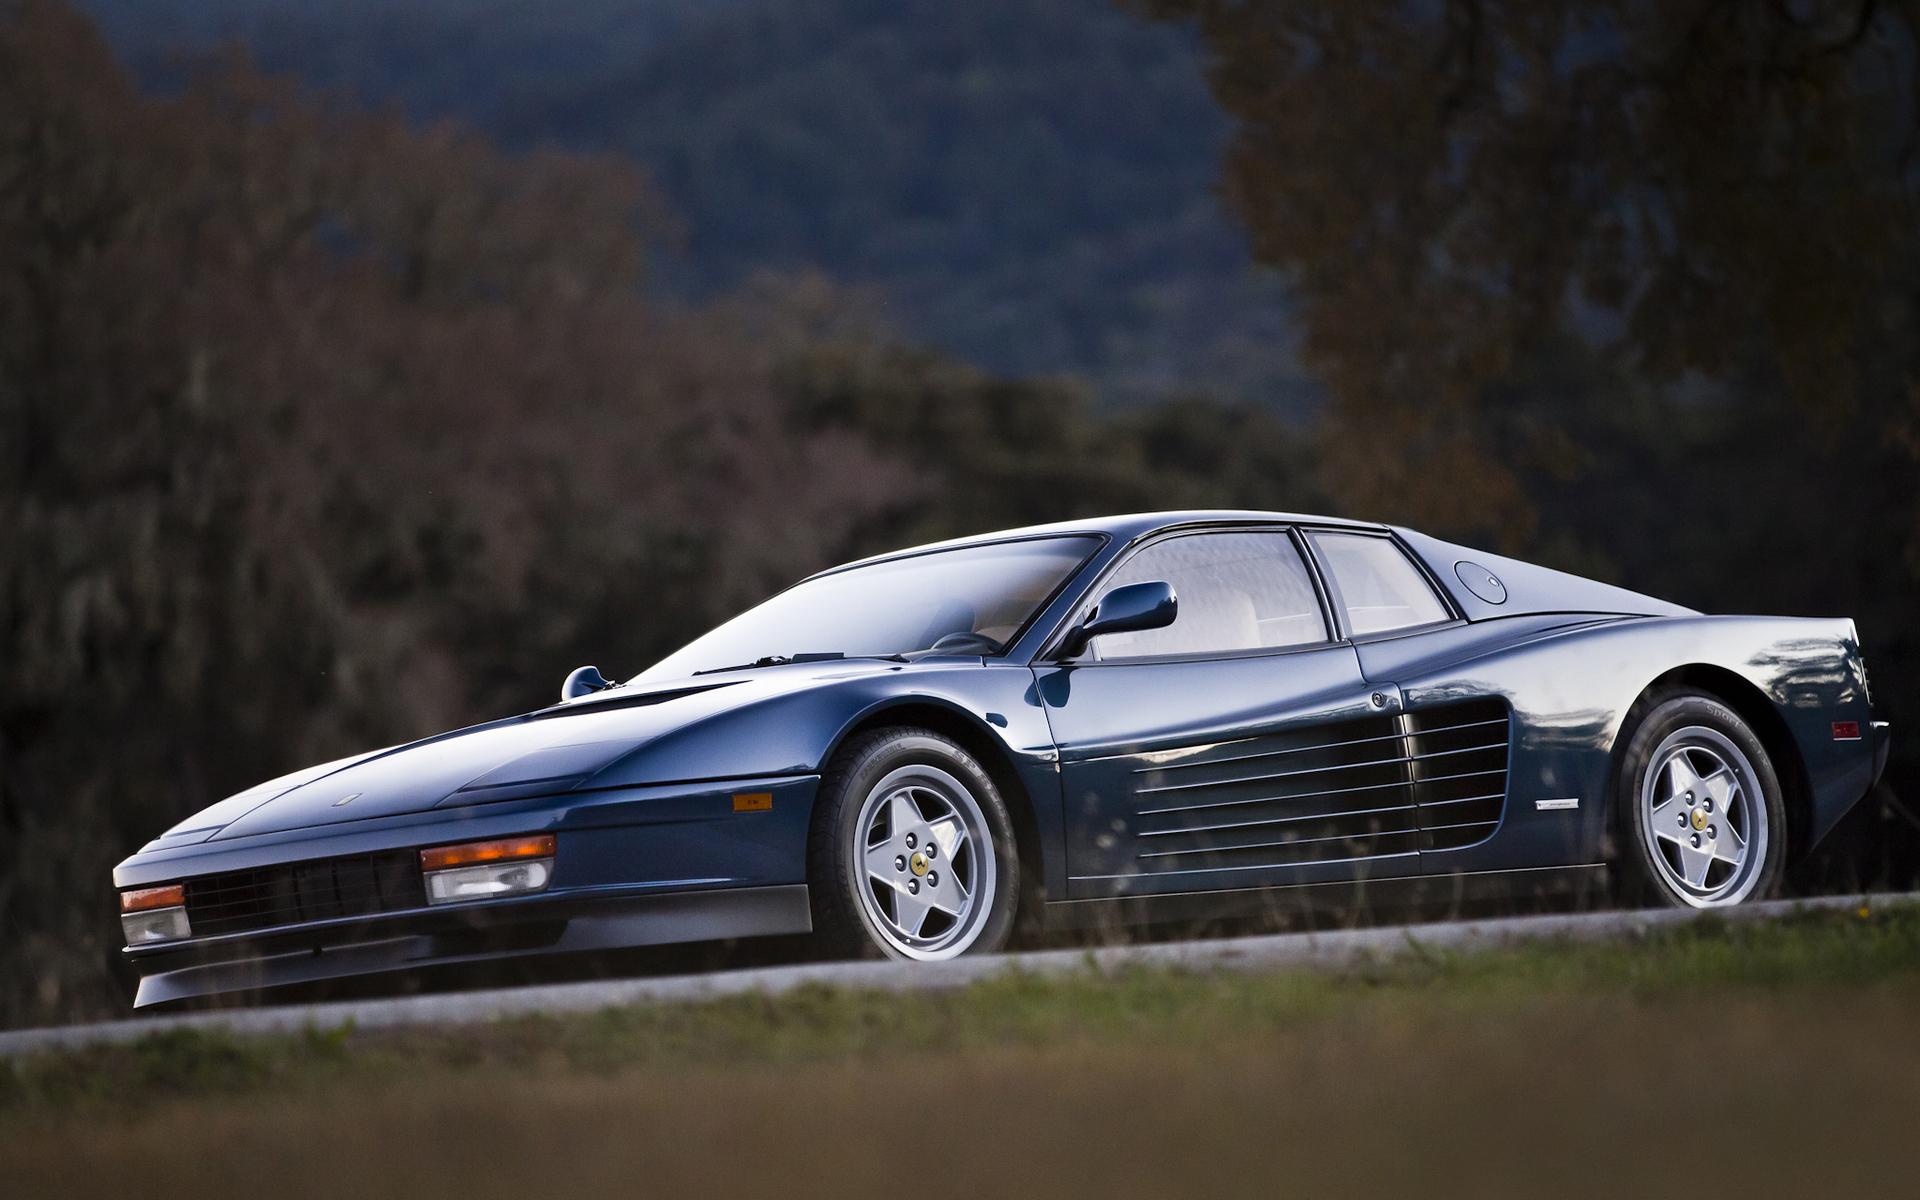 5 Ferrari Testarossa HD Wallpapers Backgrounds